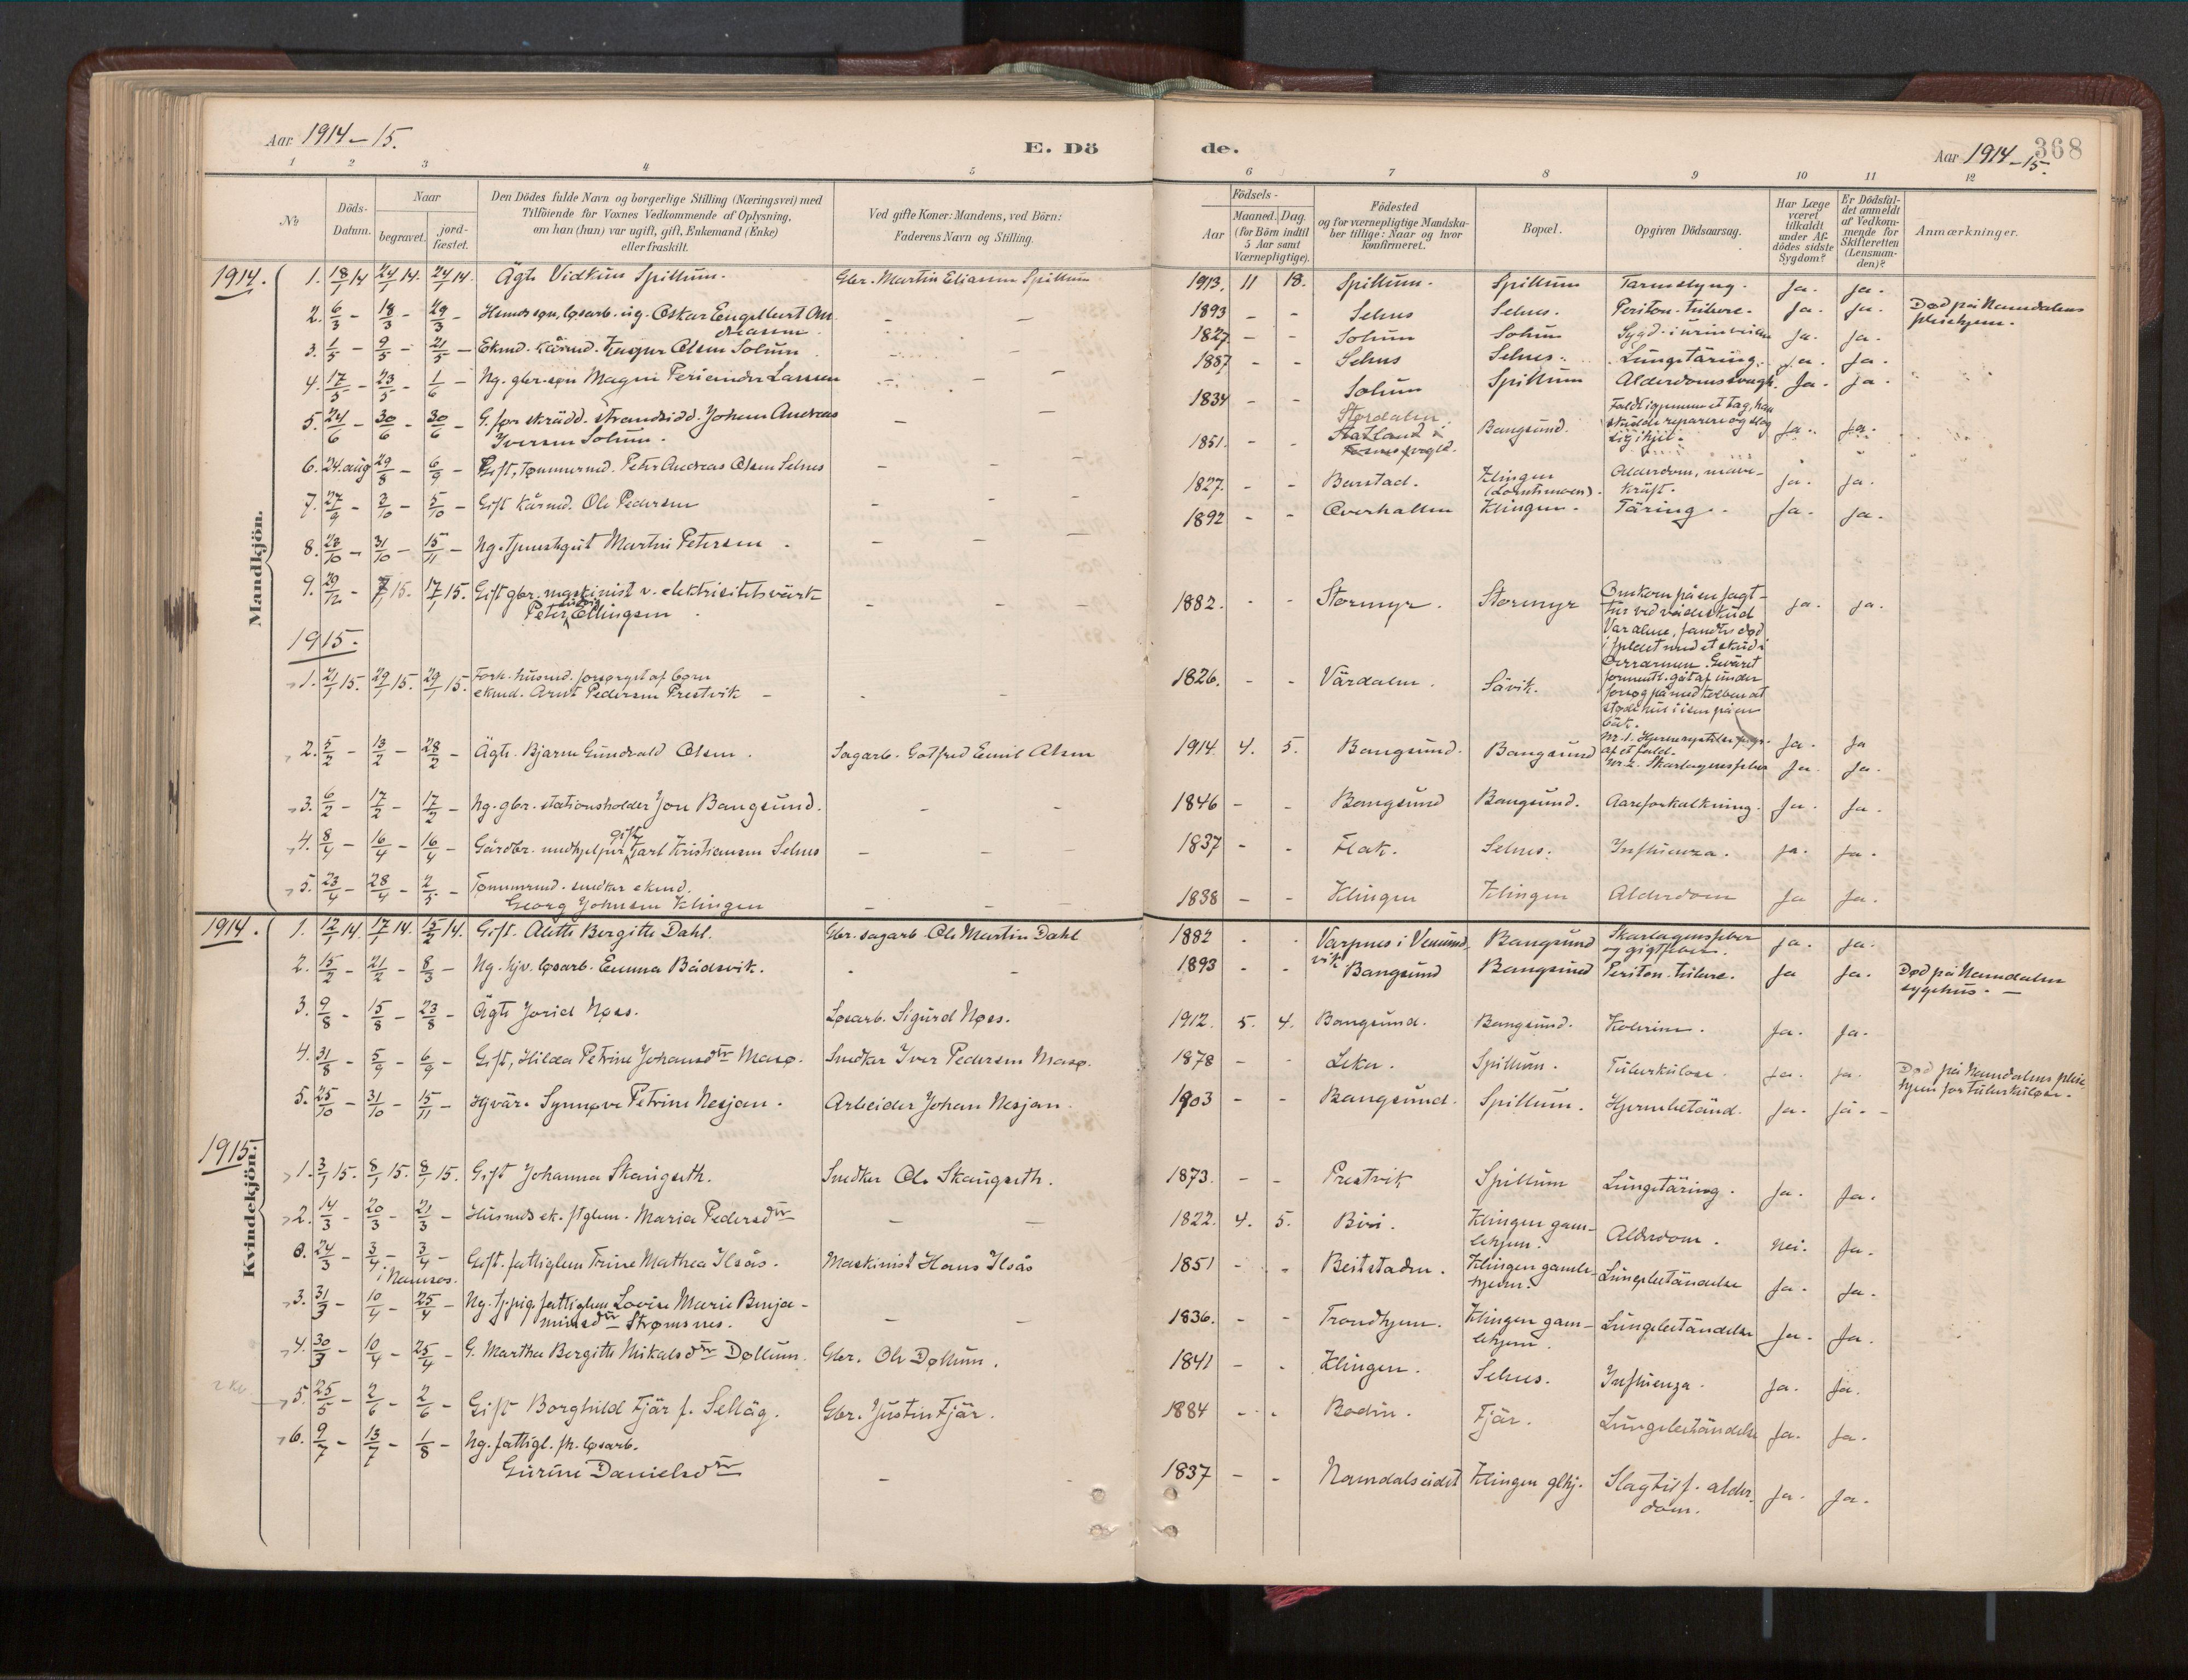 SAT, Ministerialprotokoller, klokkerbøker og fødselsregistre - Nord-Trøndelag, 770/L0589: Ministerialbok nr. 770A03, 1887-1929, s. 368